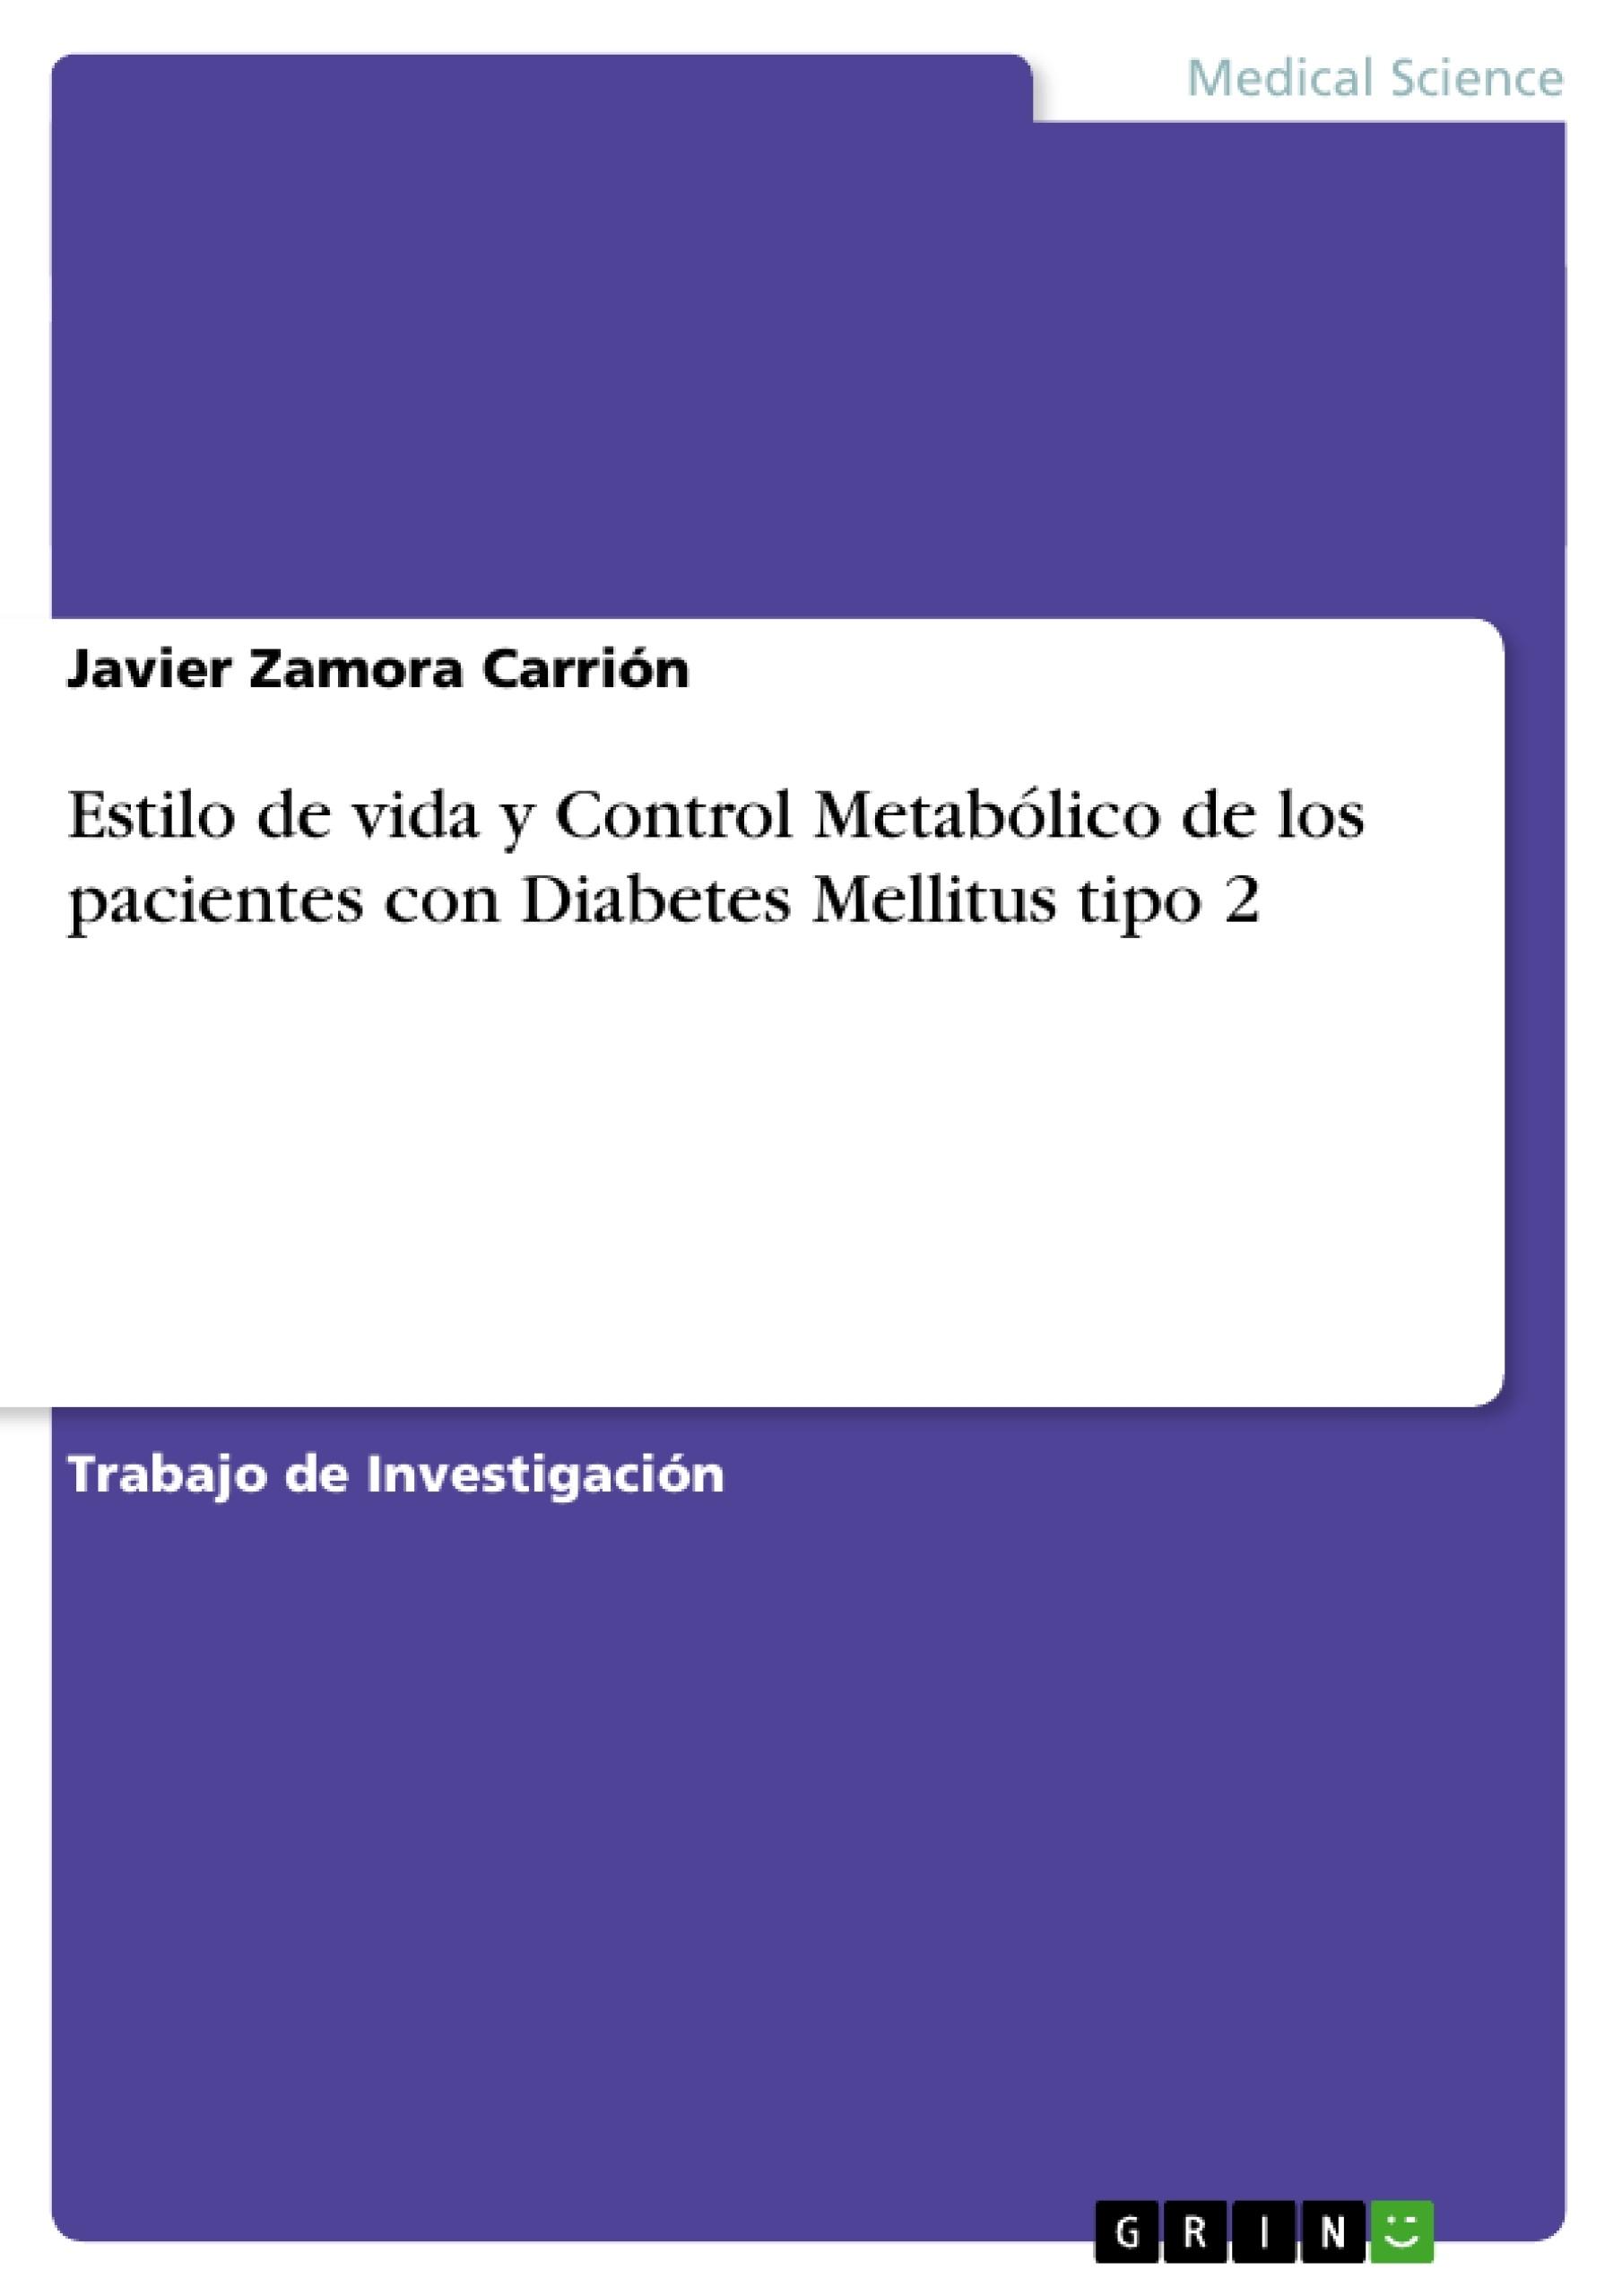 Título: Estilo de vida y Control Metabólico de los pacientes con Diabetes Mellitus tipo 2